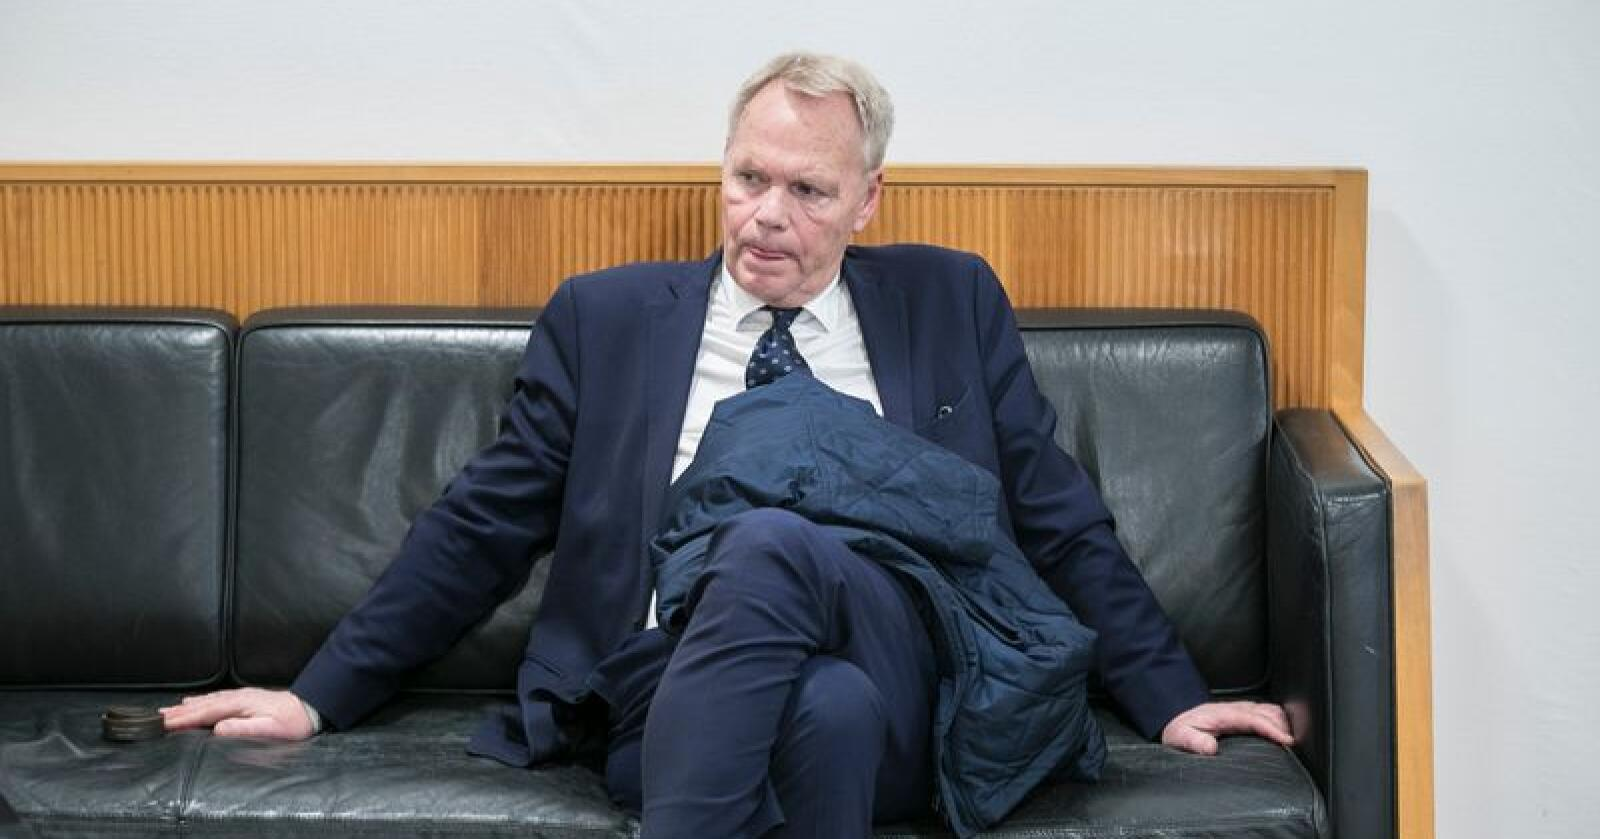 Ola Lunde forsvarer Per Yngvar Mathisen, som er siktet for grov korrupsjon. Økokrim mistenker at han har bestukket en selger i Nortura. Foto: Vidar Ruud / NTB scanpix